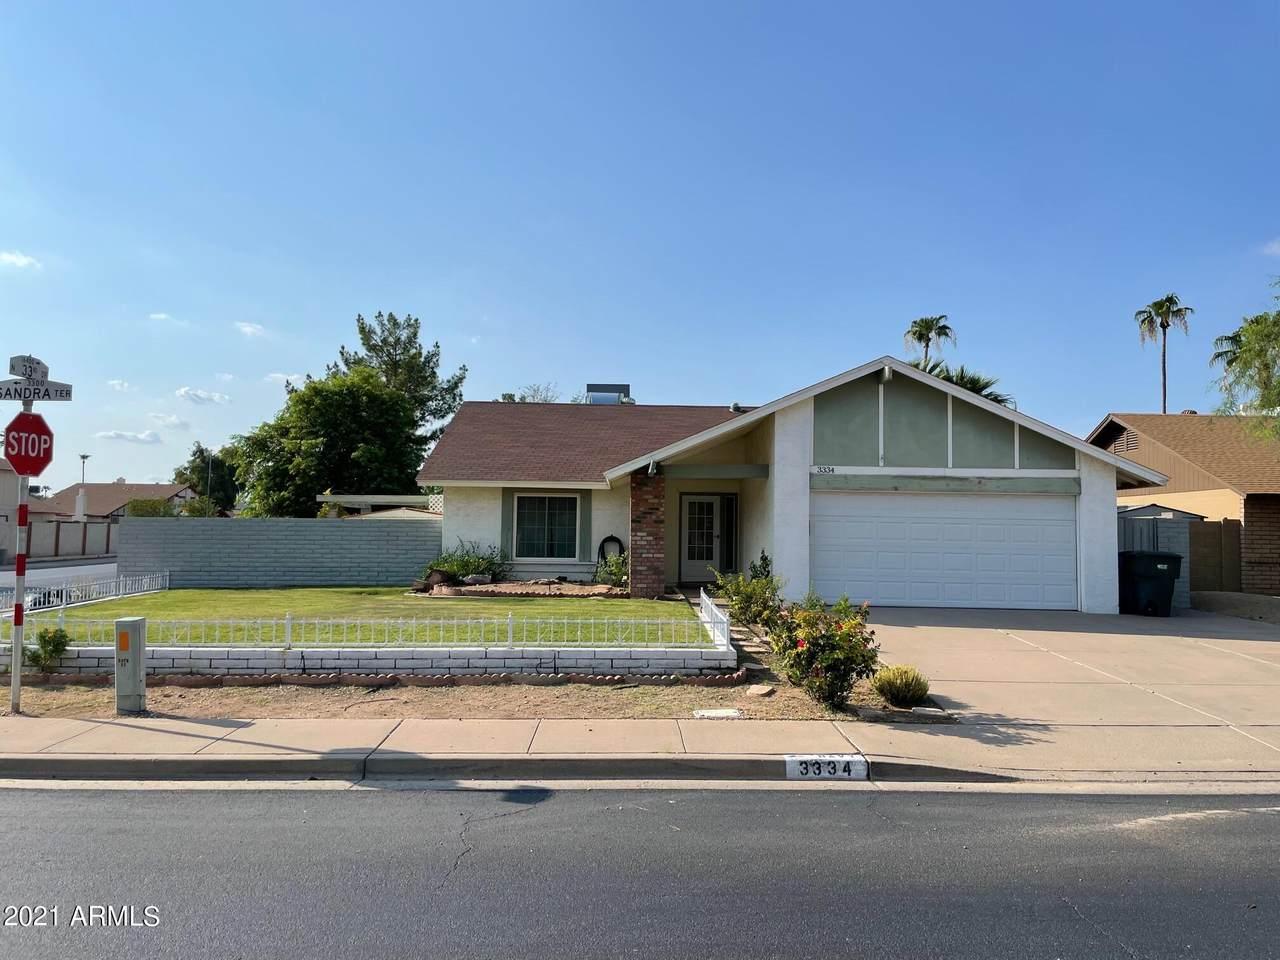 3334 Sandra Terrace - Photo 1